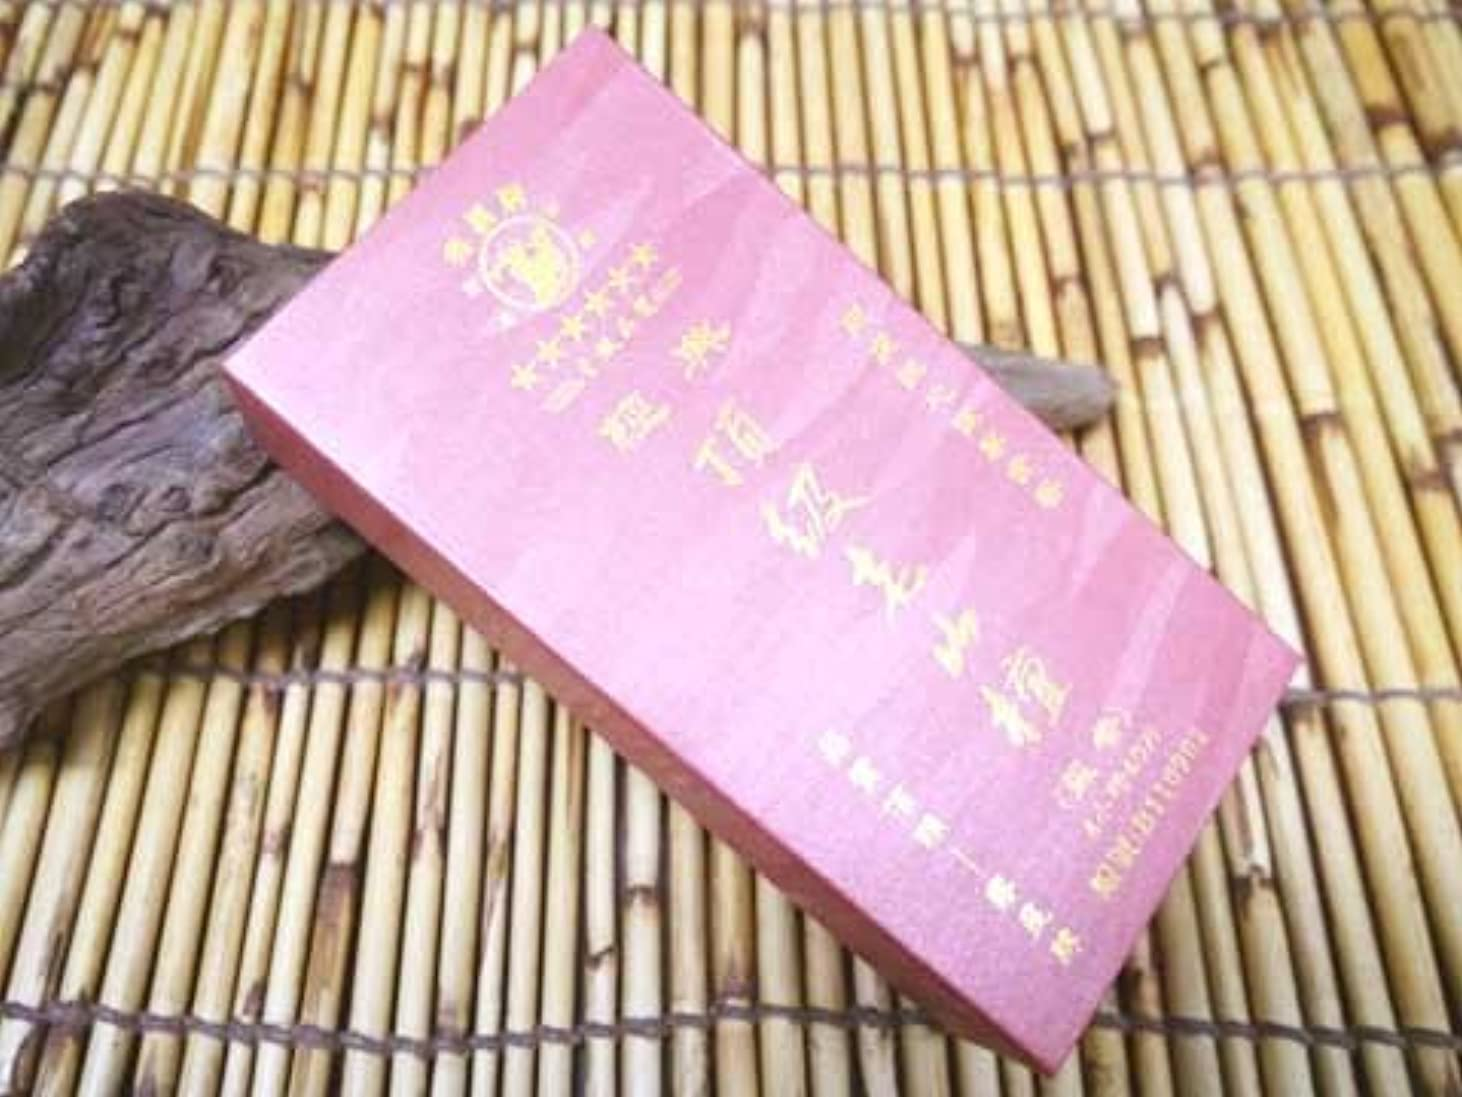 寿星牌 中国広州のお香【頂級老山檀】寿星牌謹製